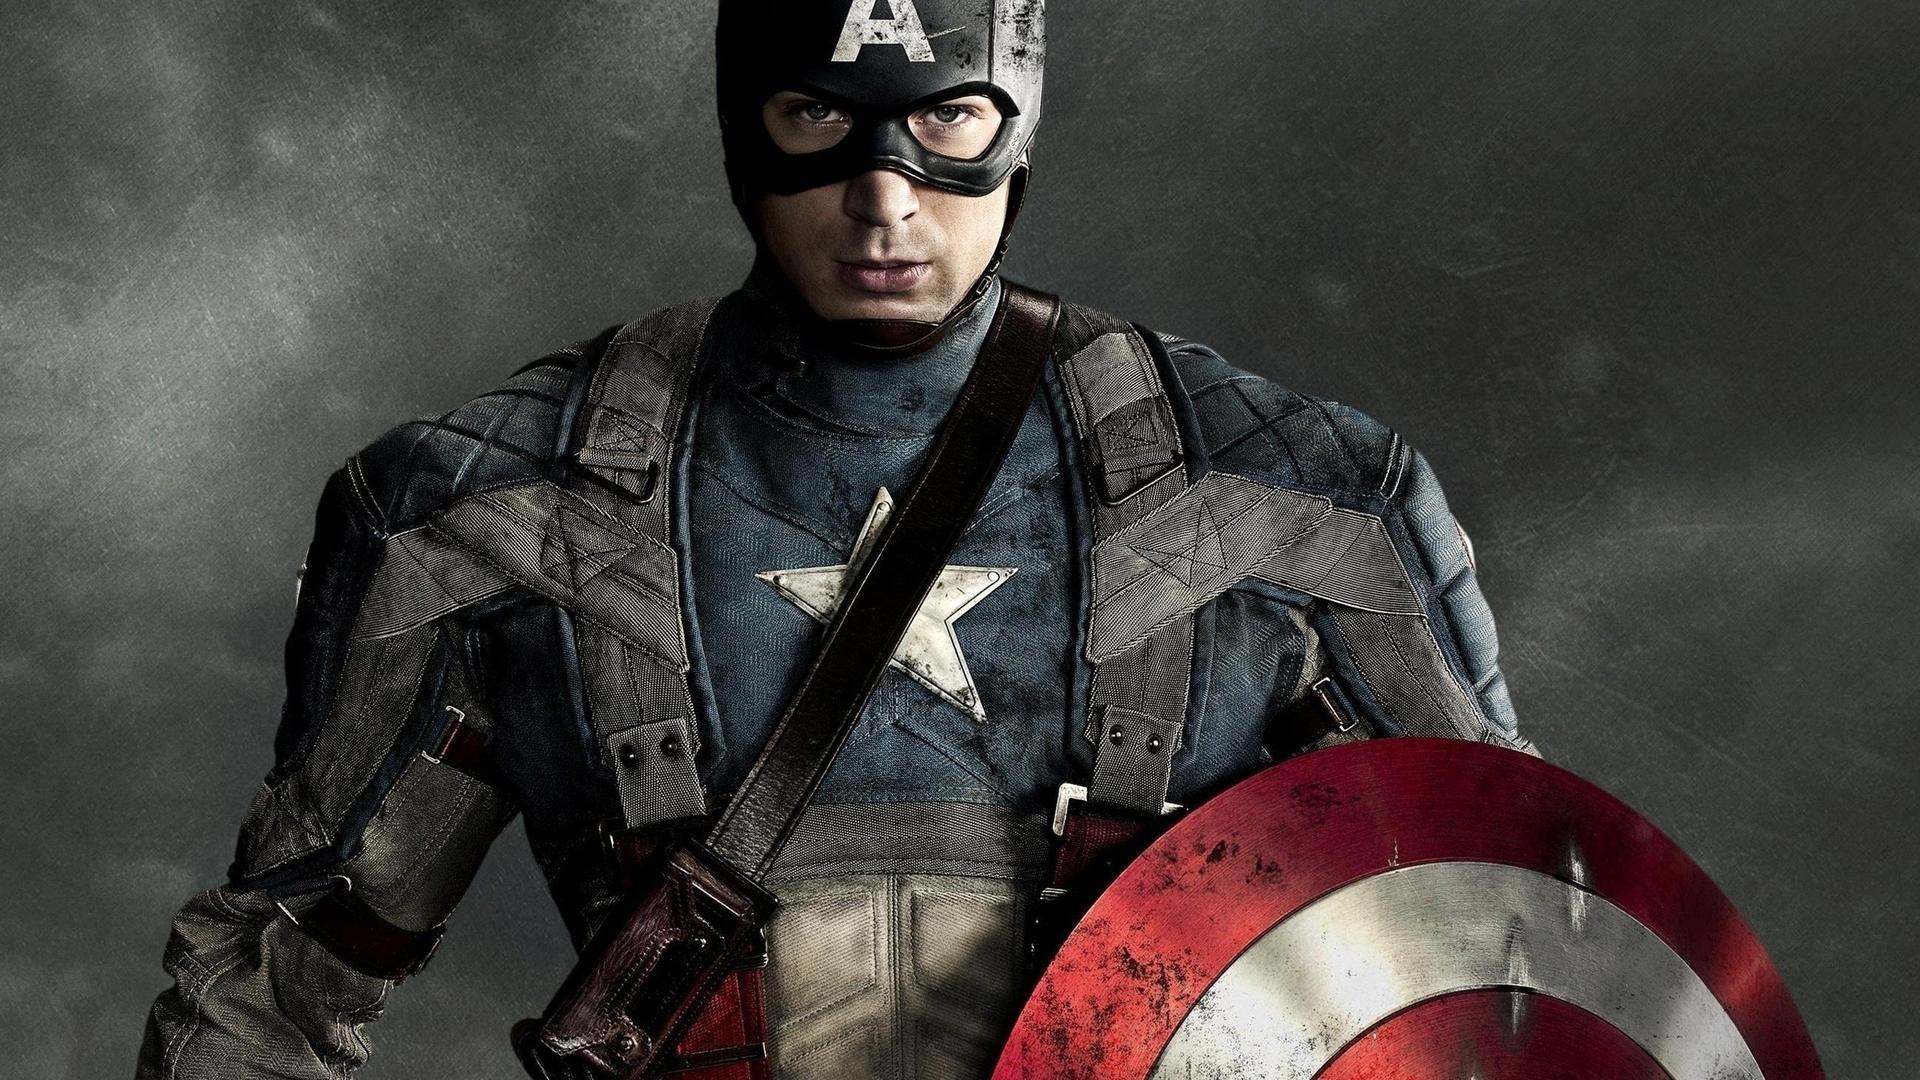 Captain America Civil War Wallpaper Download 1920x1080